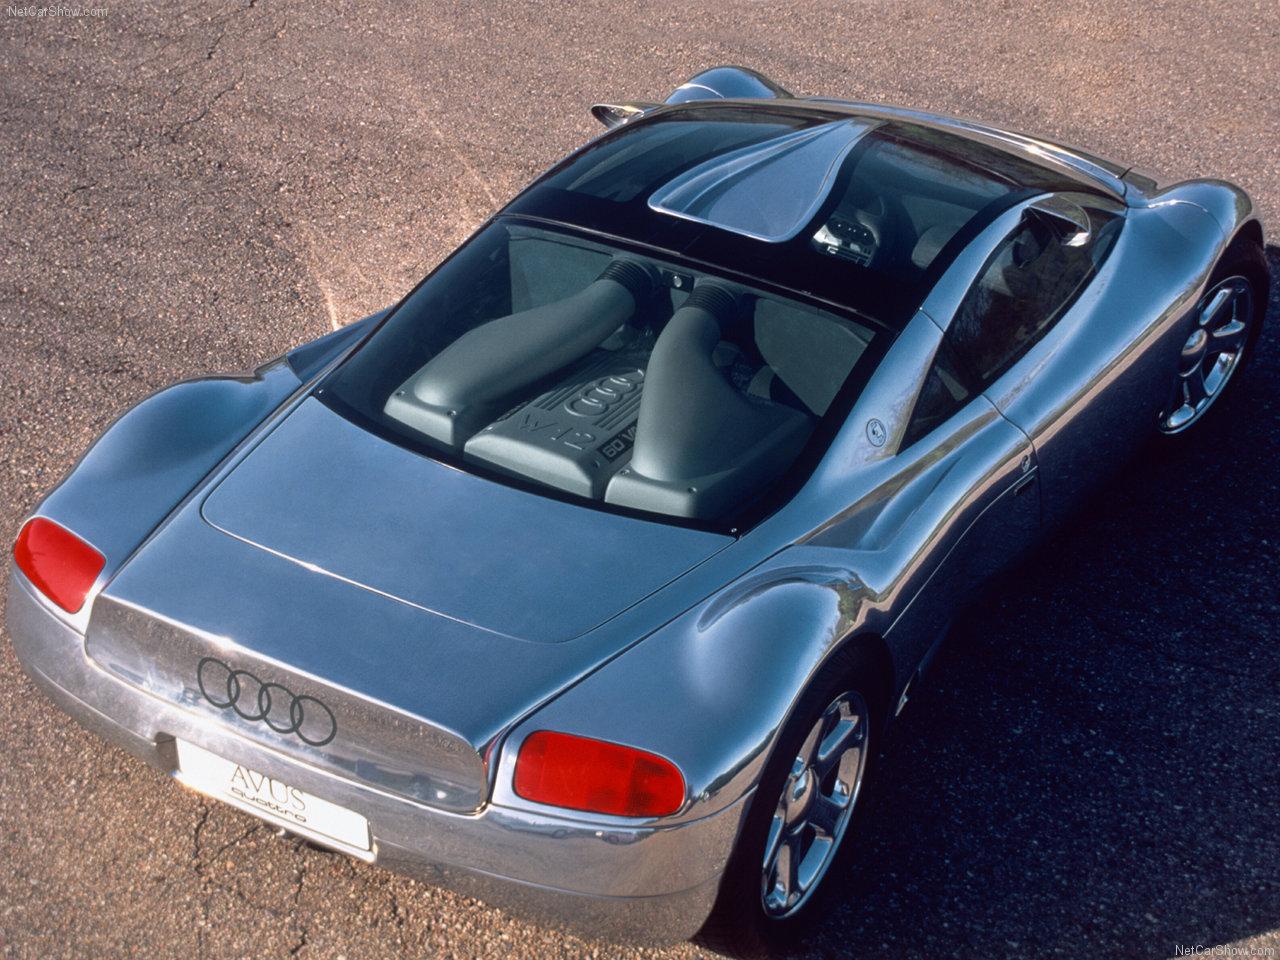 Audi Avus Quattro Concept 1991 Audi-Avus_quattro_Concept-1991-1280-03